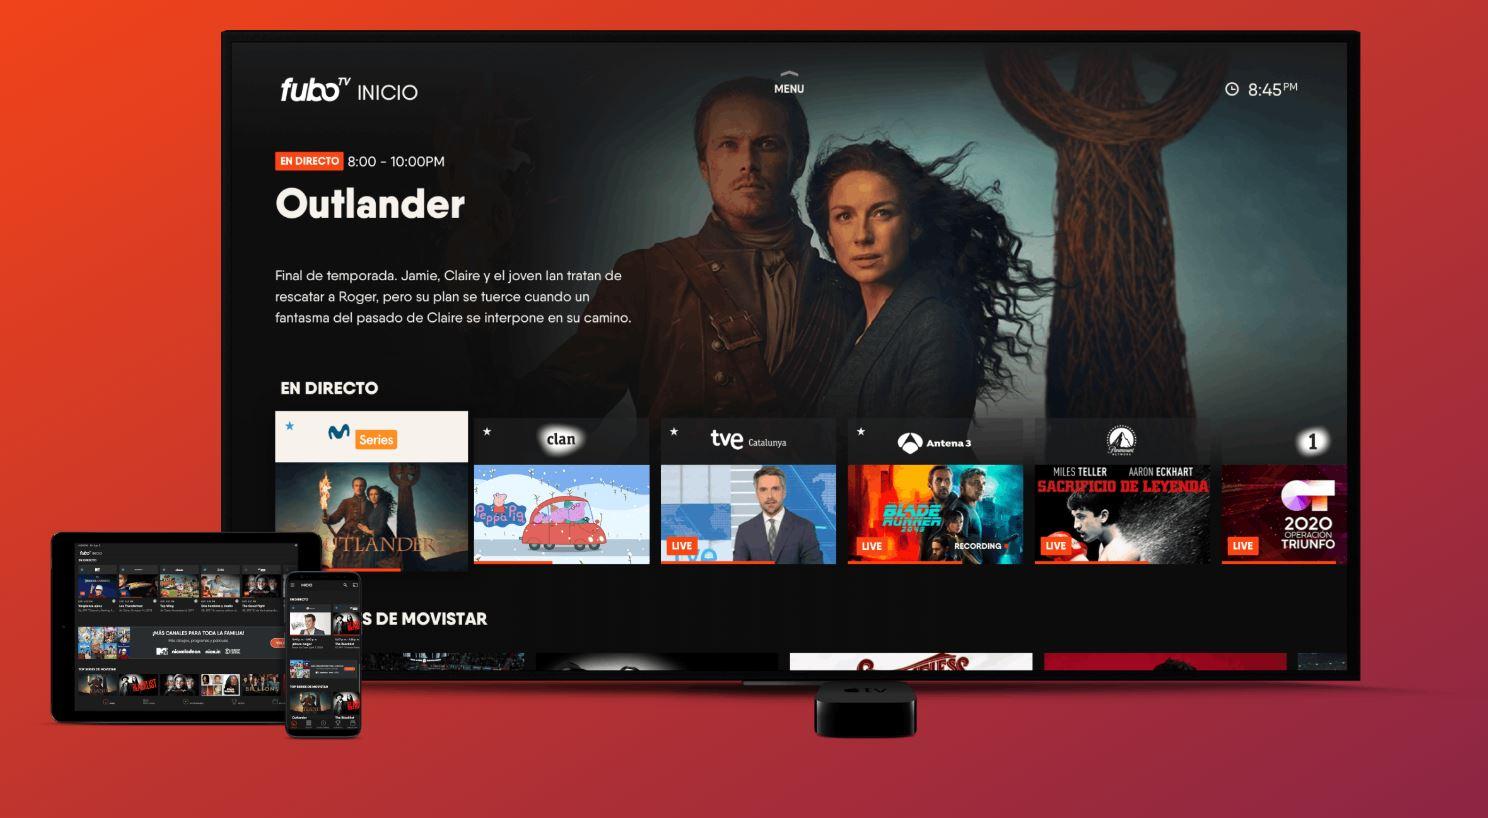 Esta plataforma se complementa perfectamente con un VPN para ver la TV de tu país.